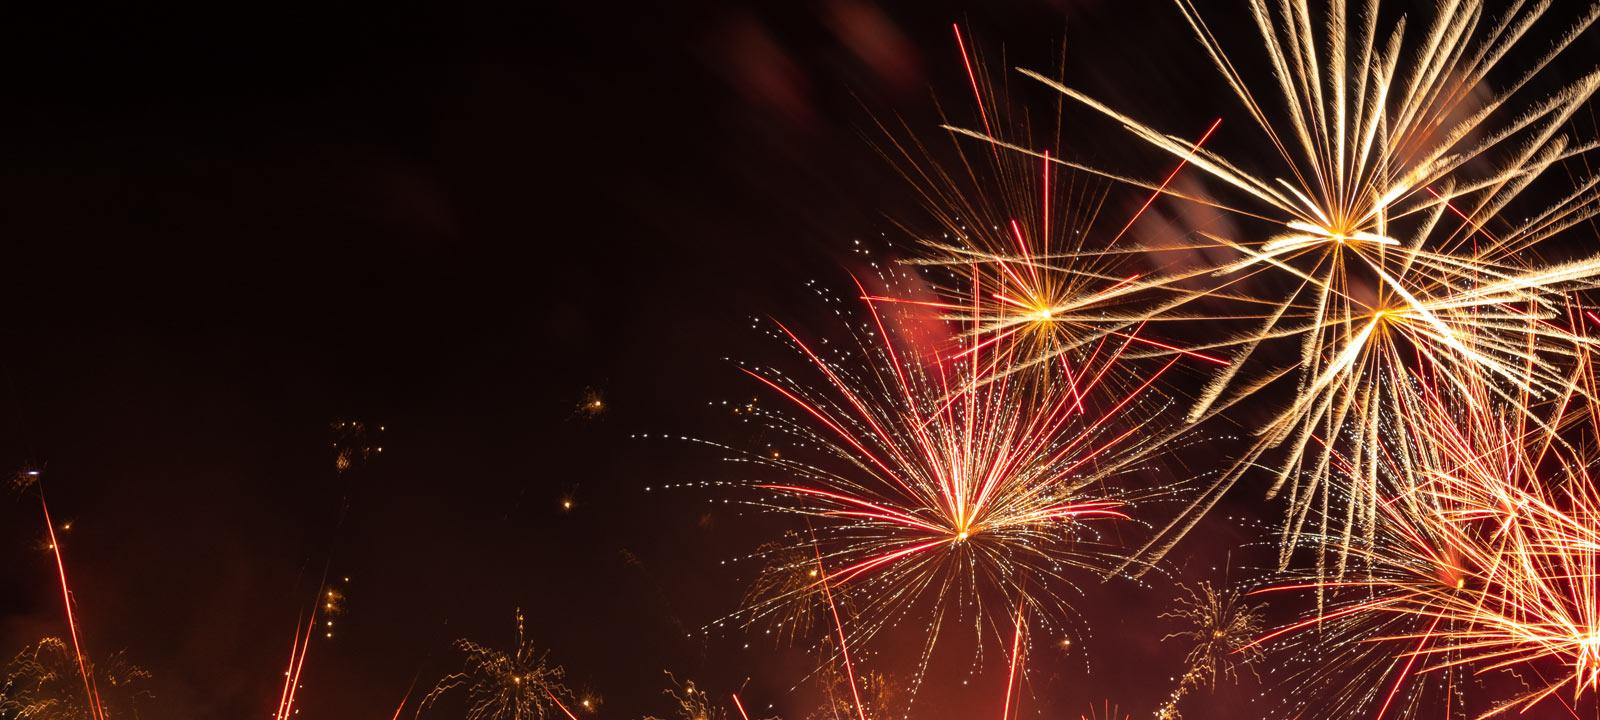 shop fireworks